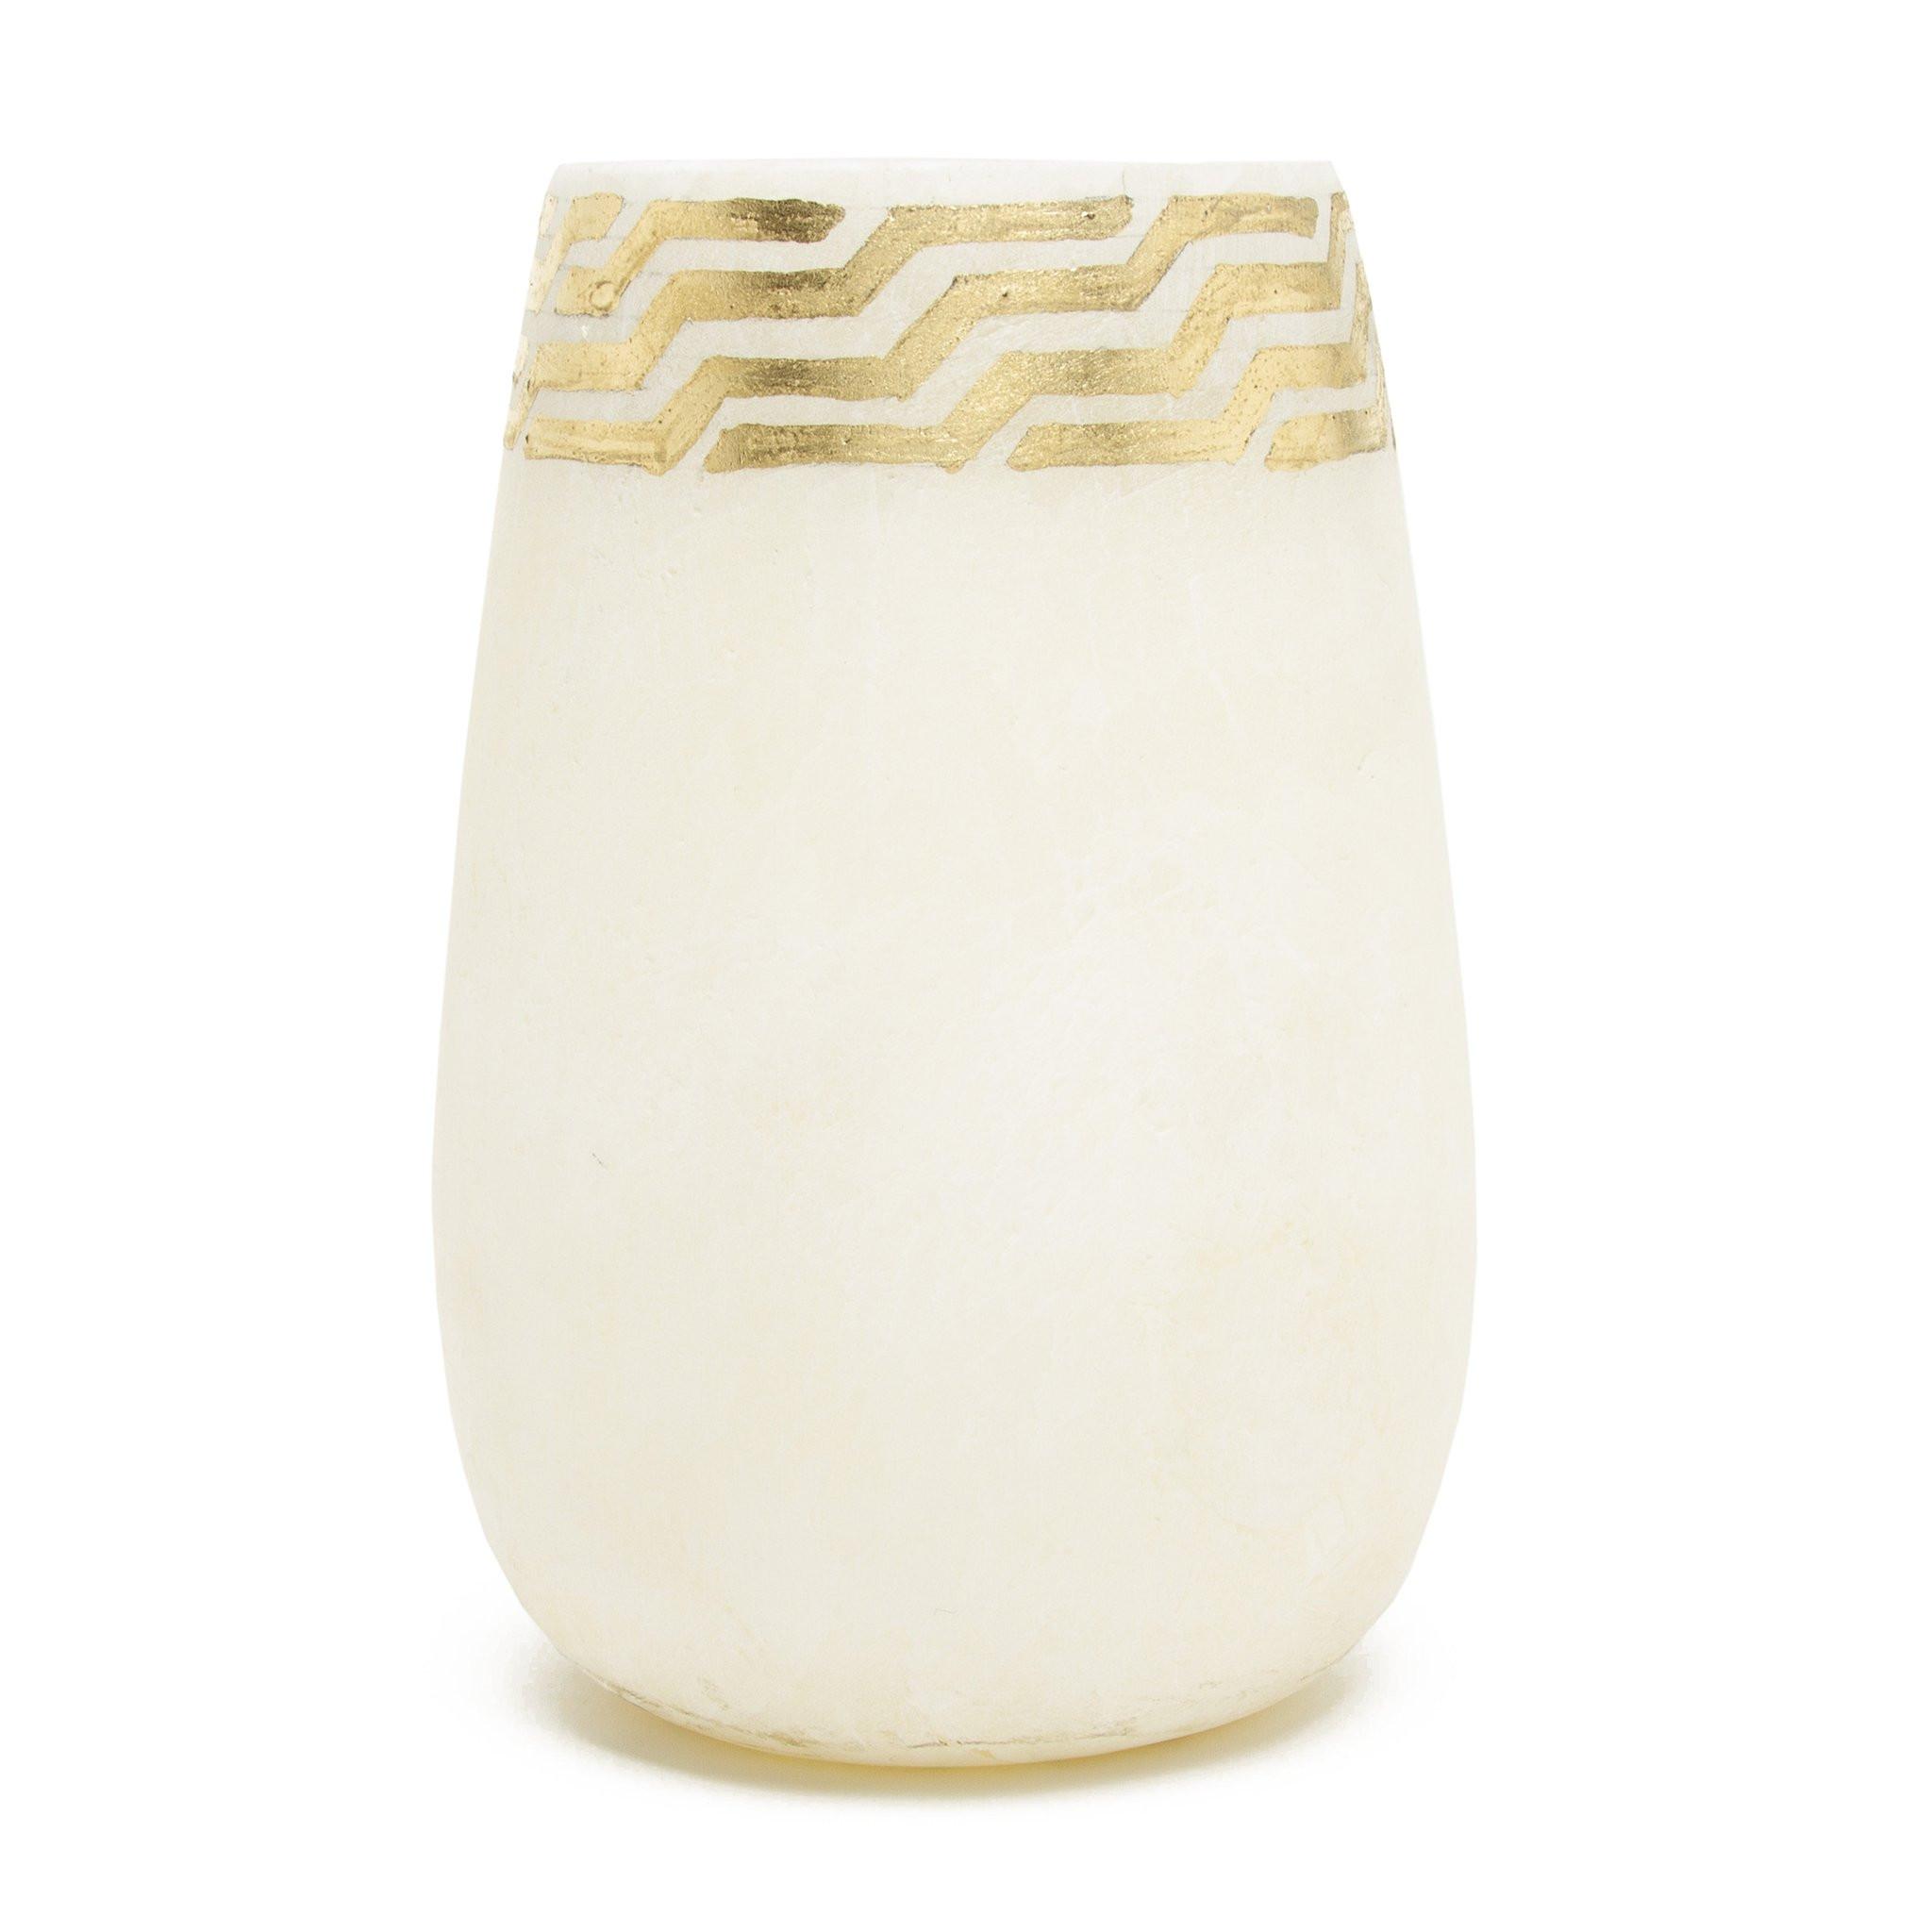 carved alabaster vase of egyptian alabaster vessel with gold leaf detailing large the intended for egyptian alabaster vessel with gold leaf detailing large